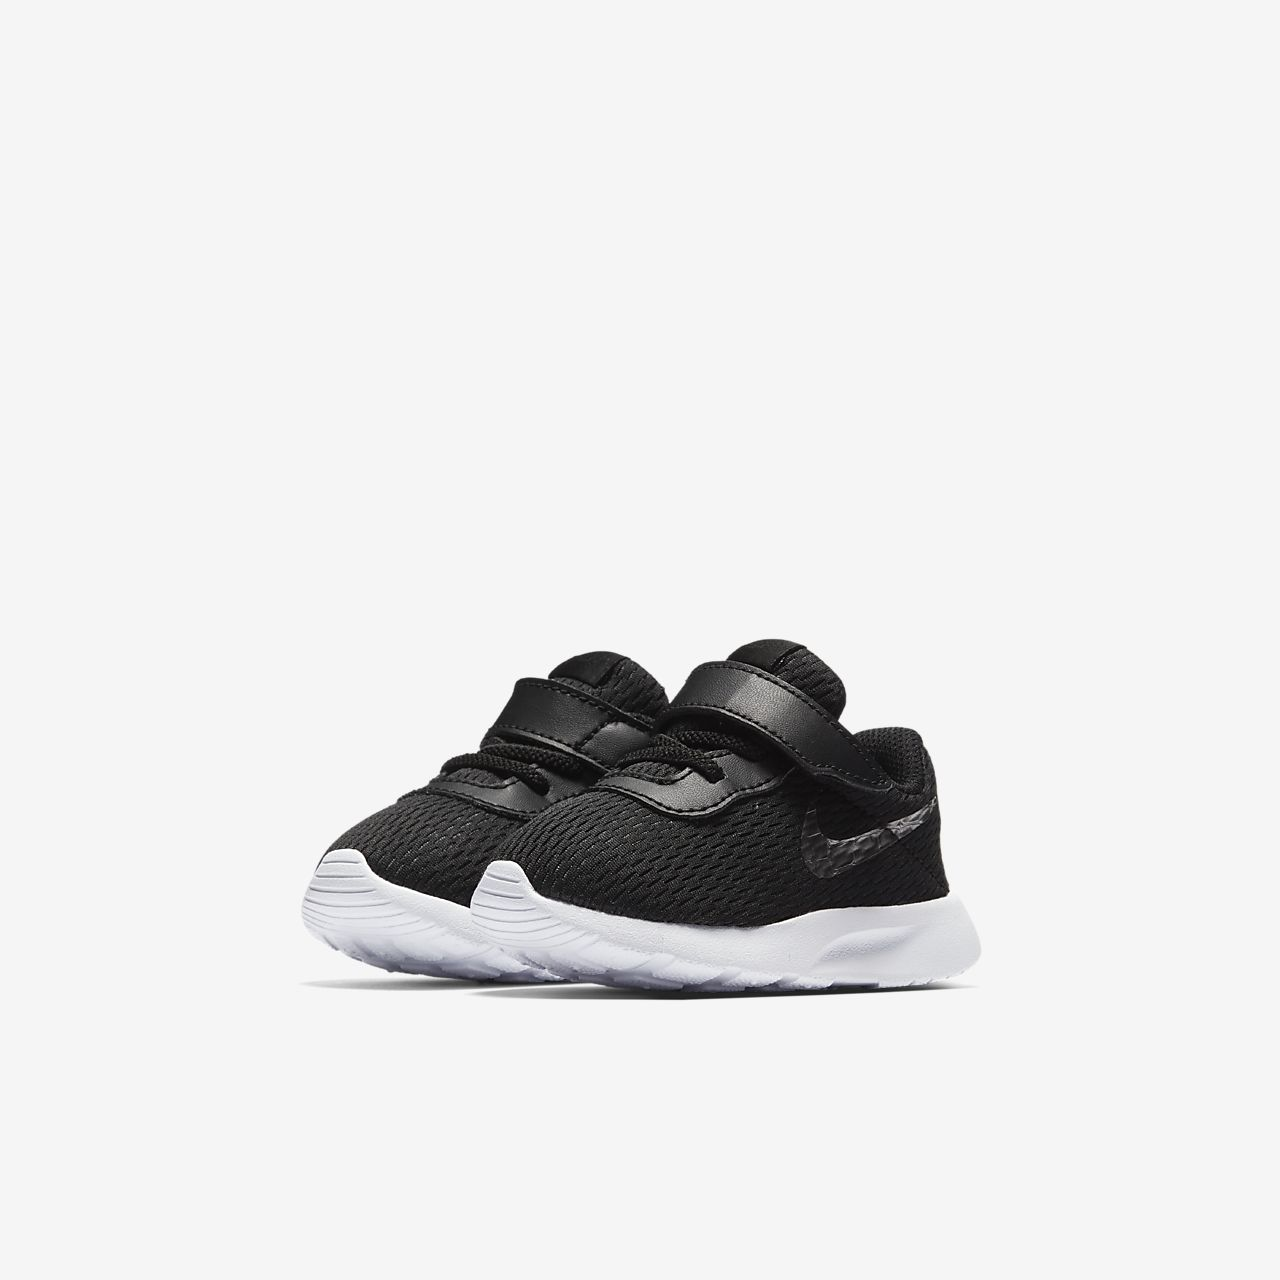 ... Nike Tanjun (2c-10c) Infant/Toddler Shoe